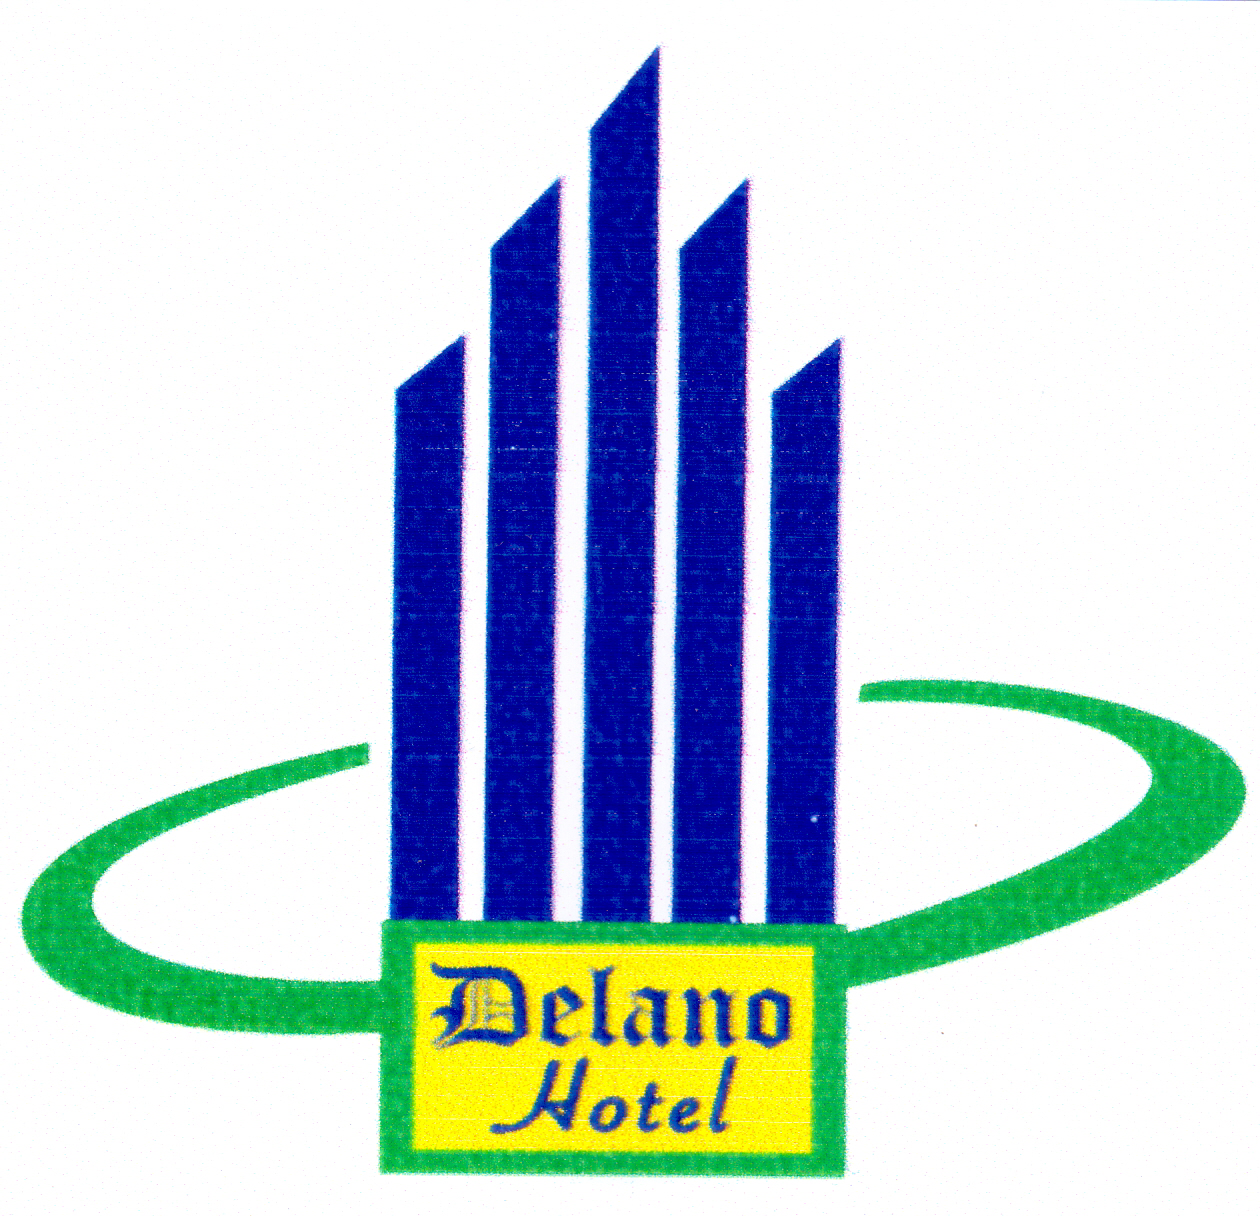 델라노 호텔, 바히르 다르